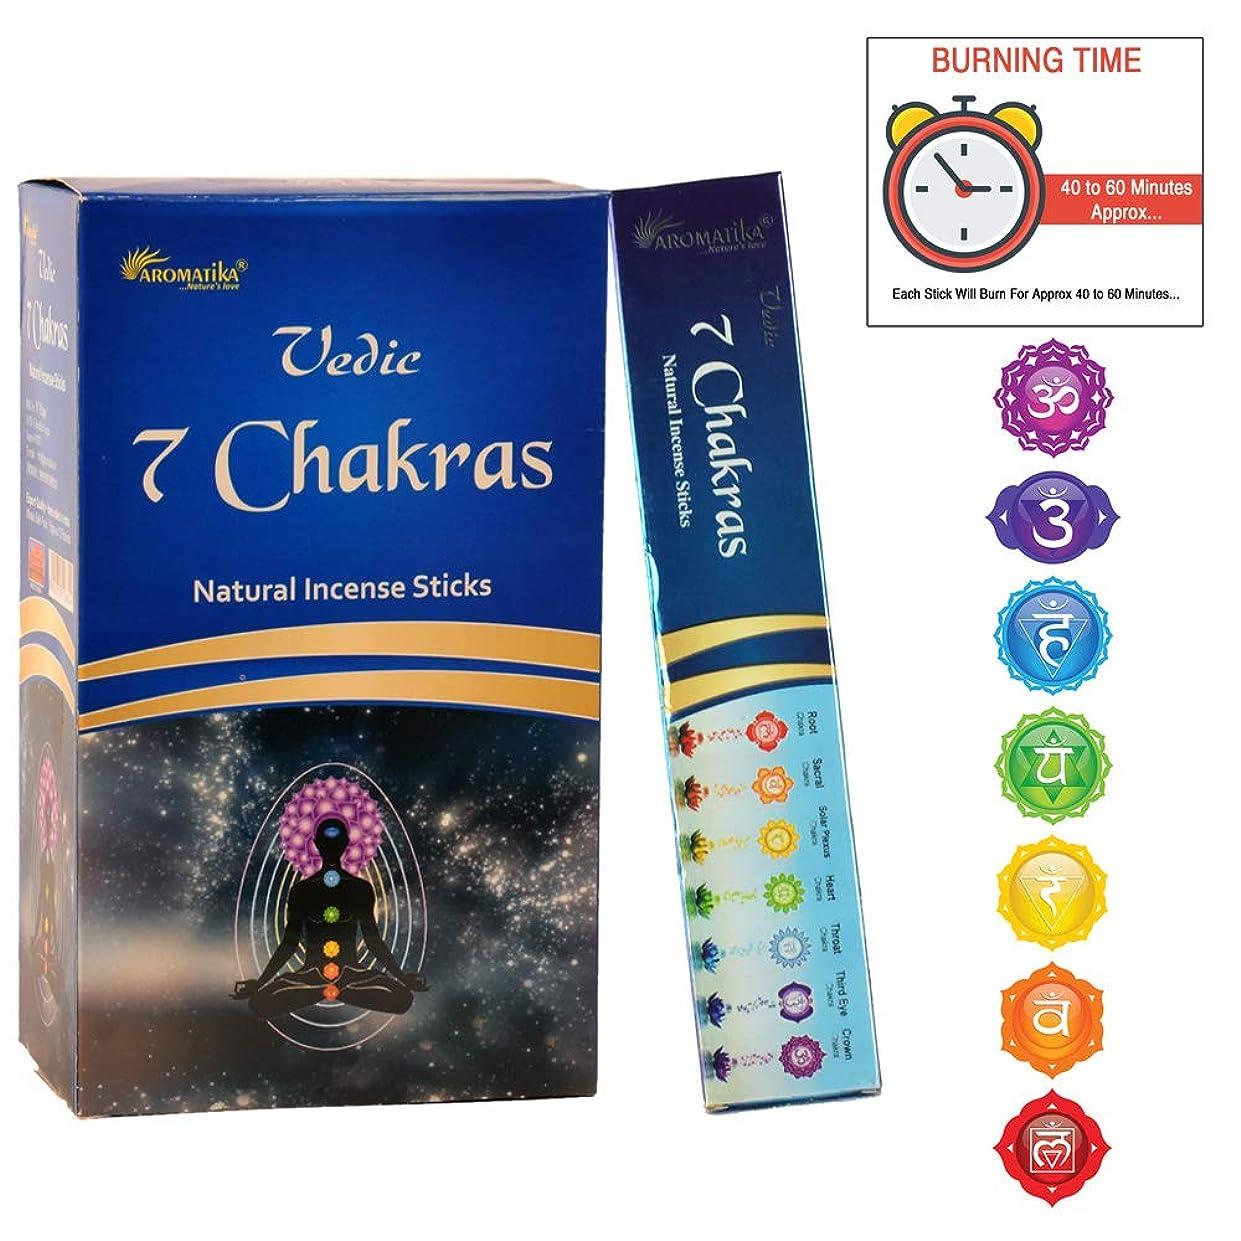 過ち恐ろしいですの慈悲でaromatika 7チャクラ15?gms Masala Incense Sticks Pack of 12